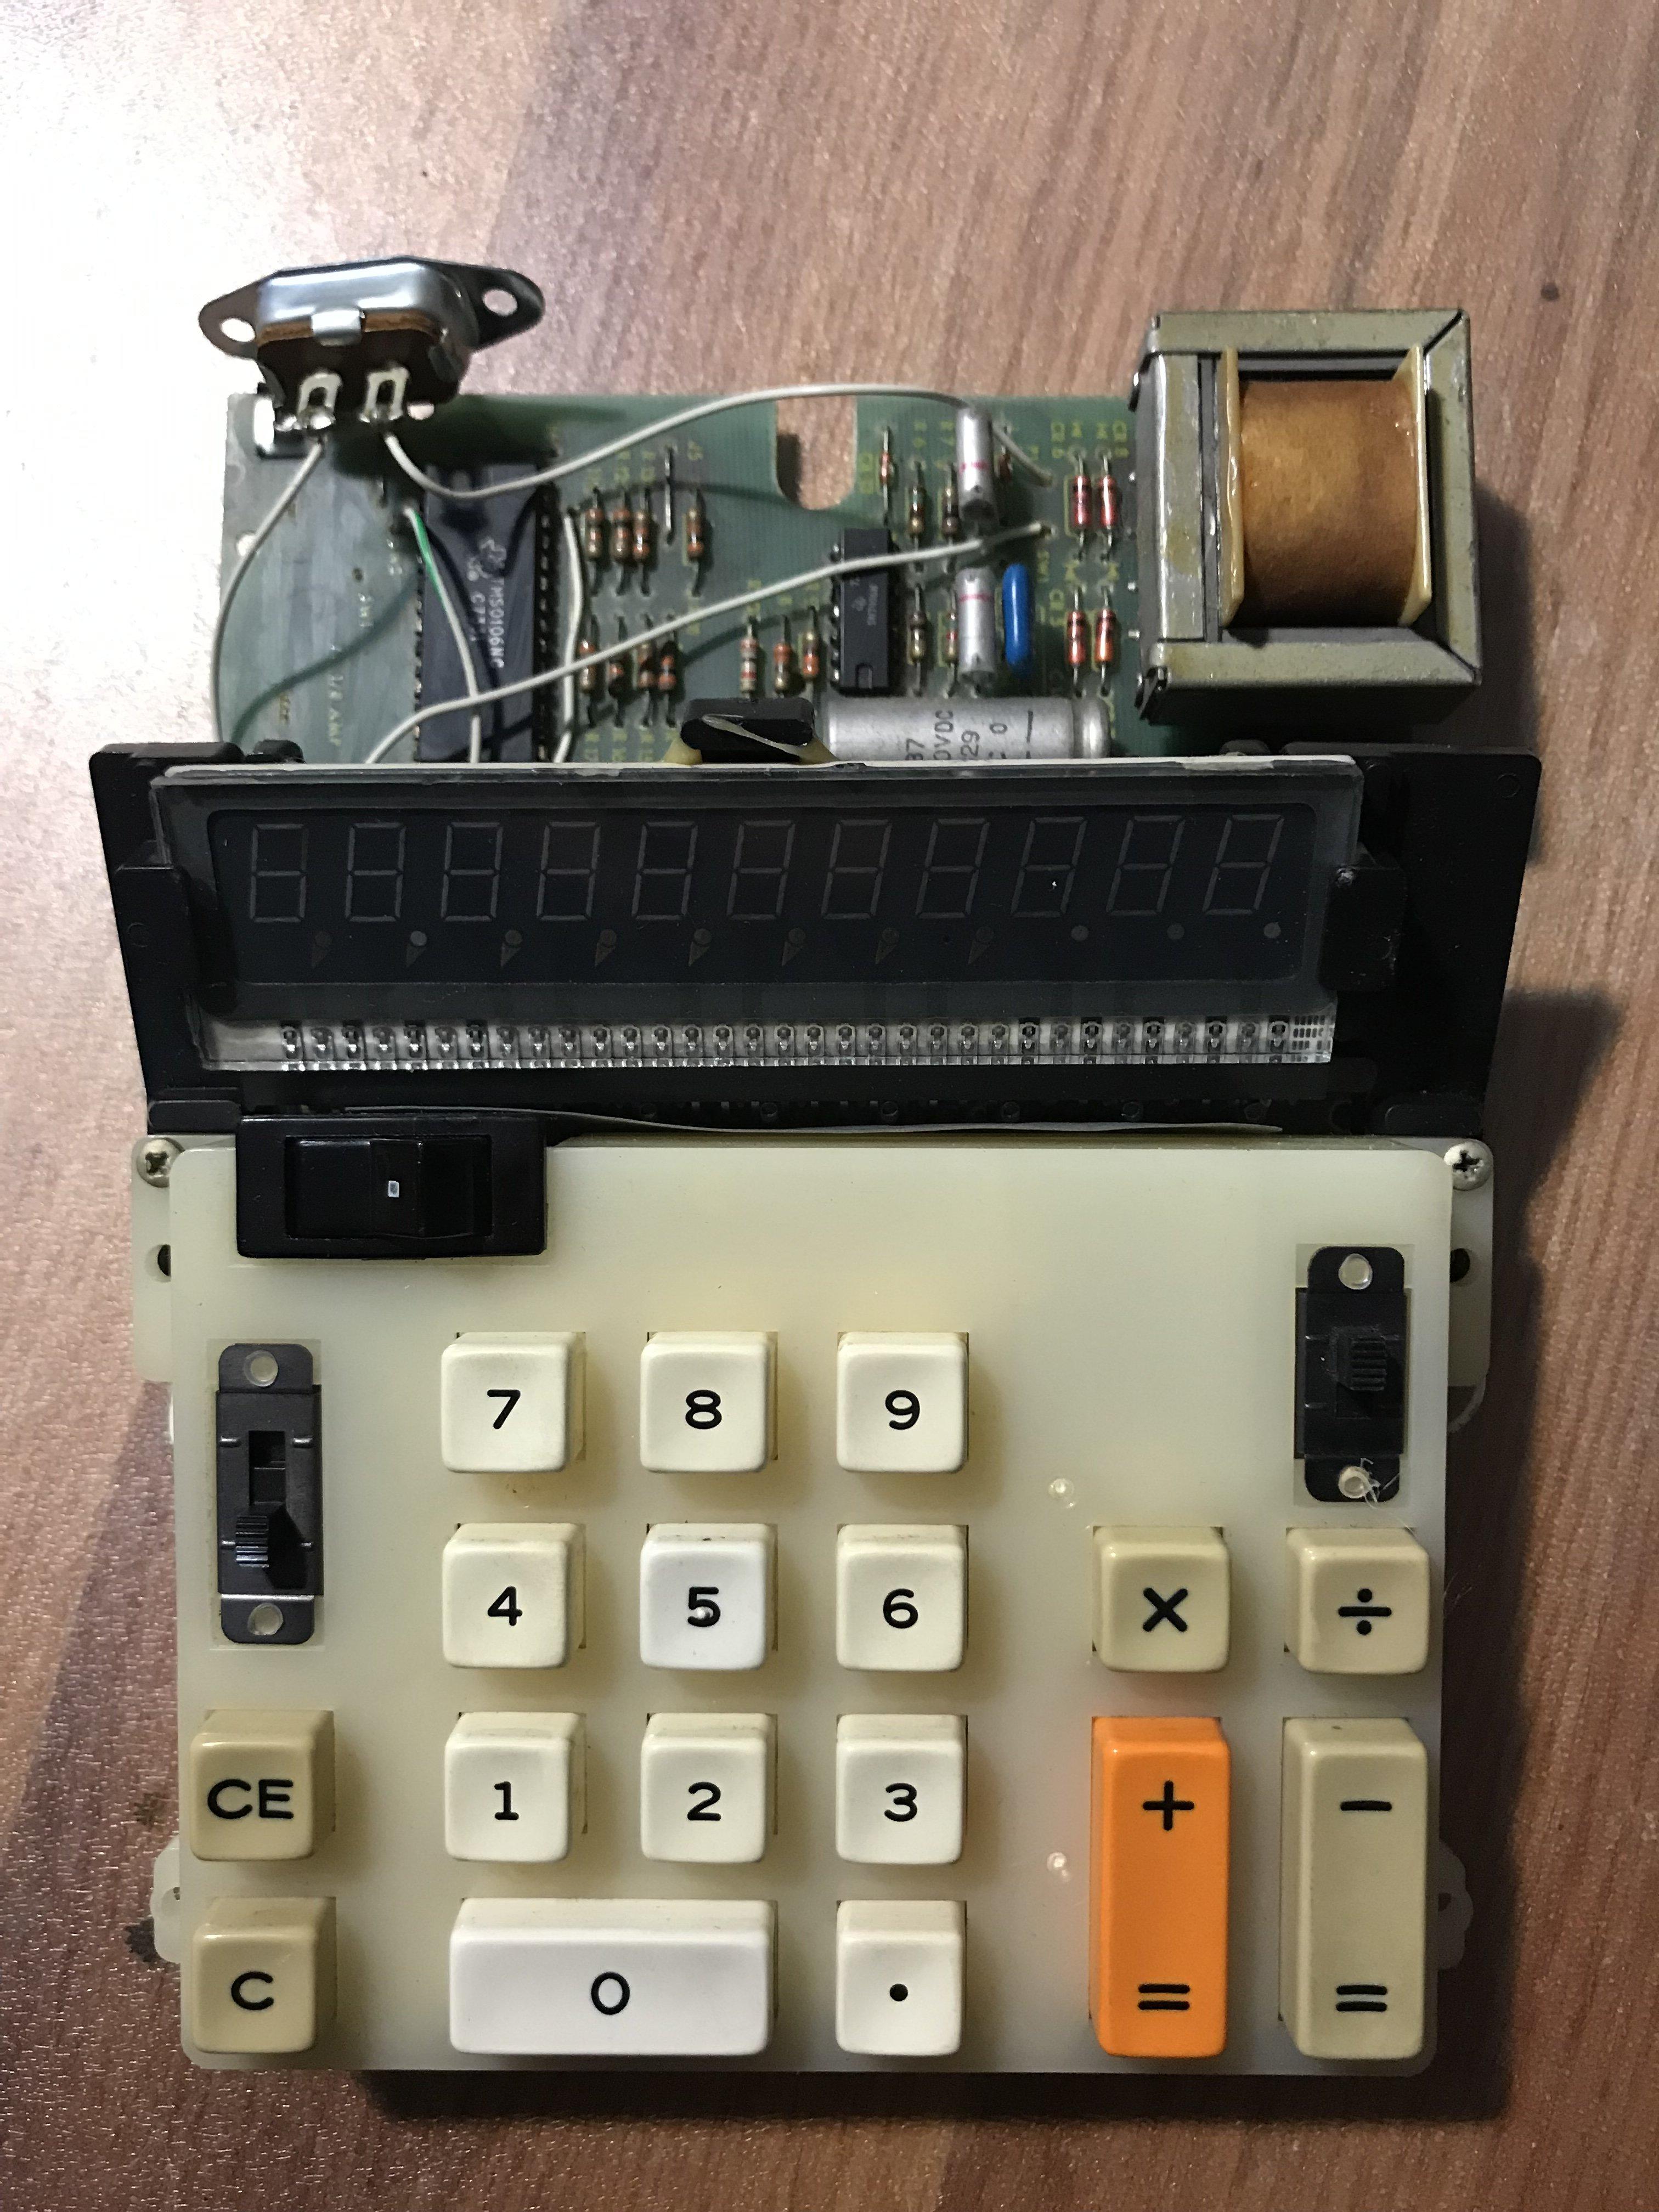 A2405DFC-B301-486A-9AAD-7D22C59C7B3A.jpeg